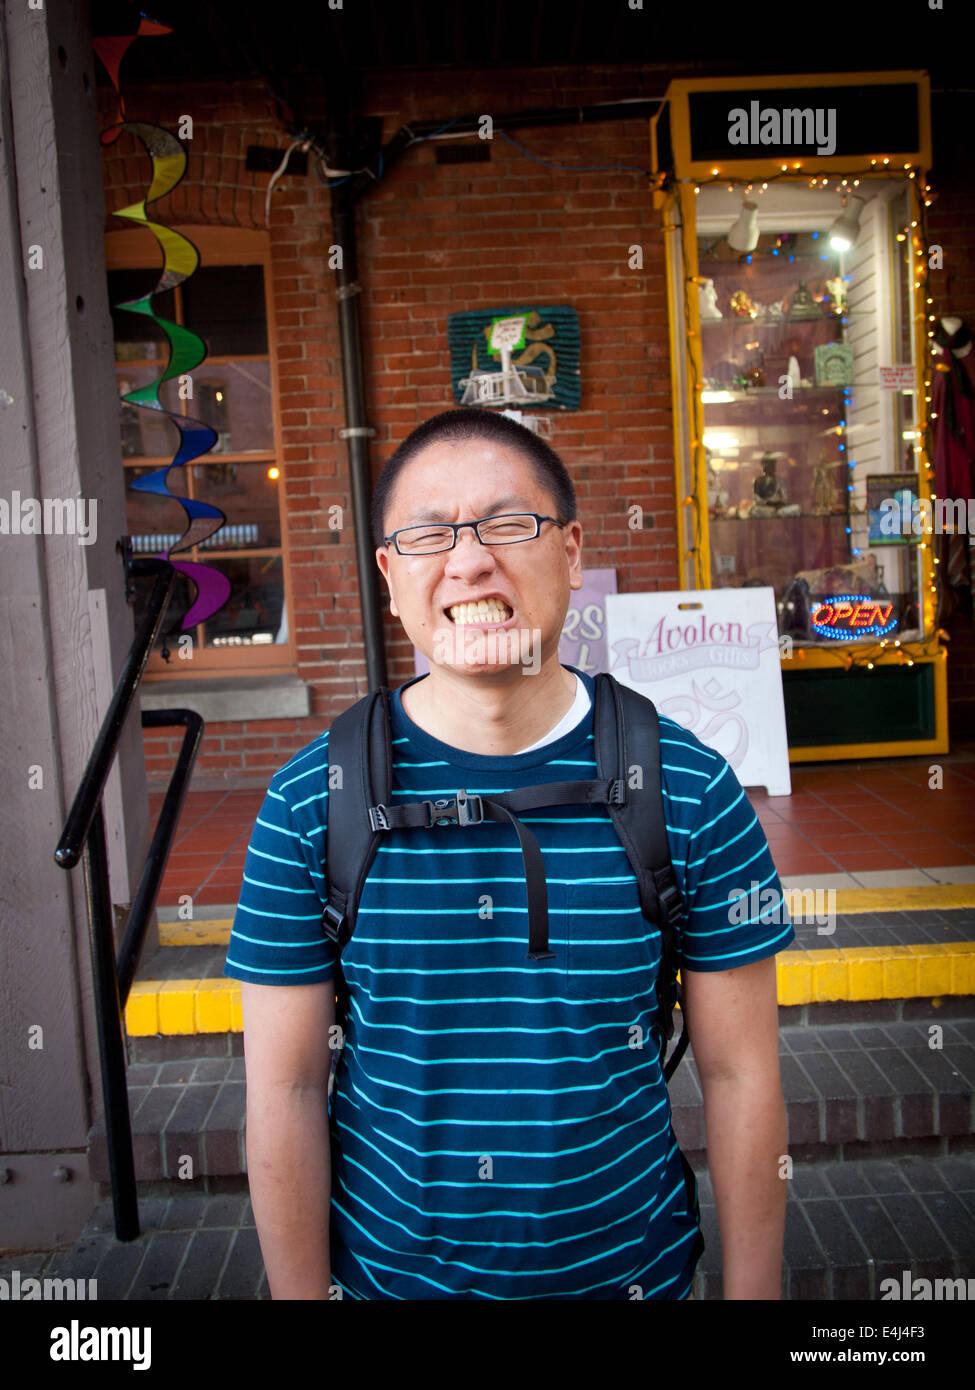 Un hombre asiático muecas. La plaza del mercado, Victoria, British Columbia, Canadá. *** Modelo de liberación Imagen De Stock